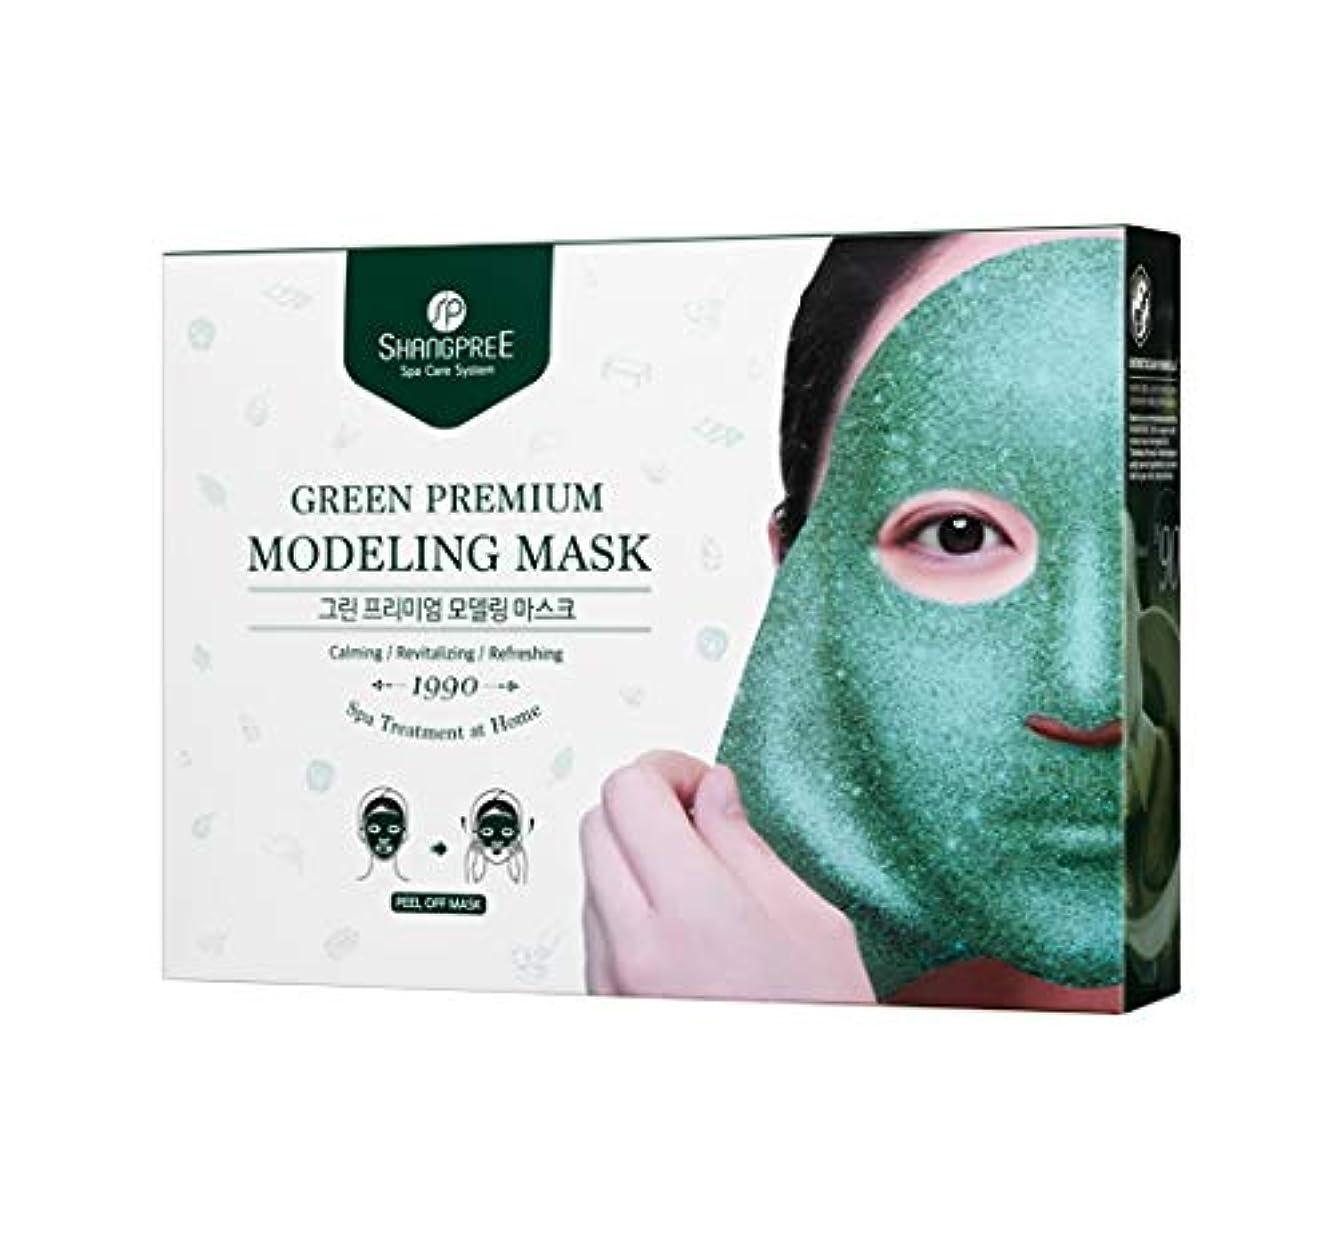 大臣ペネロペ雨のShangpree グリーンプレミアムモデリングマスク 5枚 Green premium modeling mask 5ea (並行輸入品)